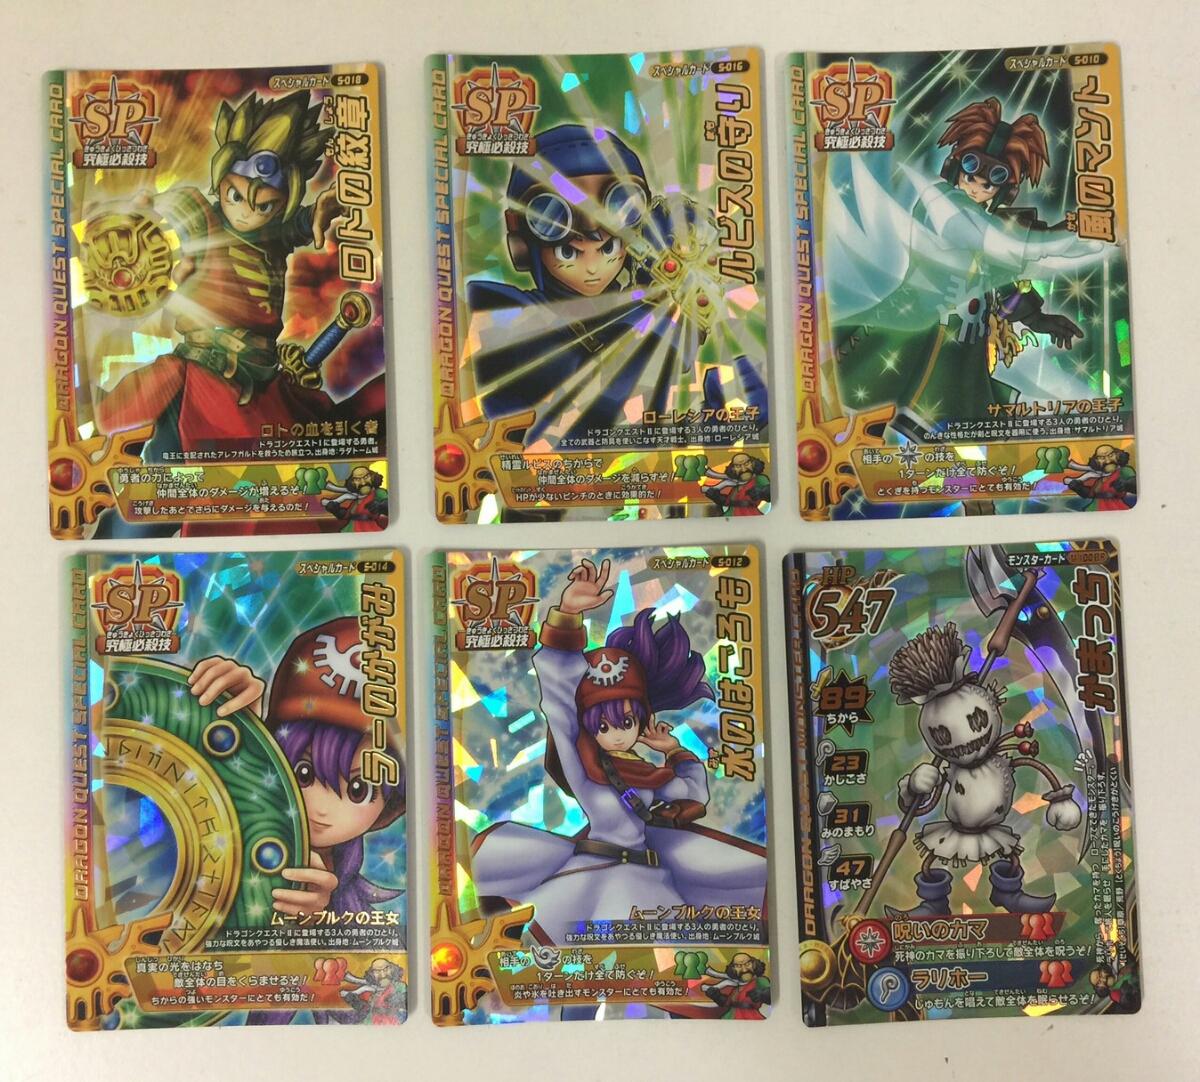 ドラゴンクエスト モンスターバトルロード SP キラ カード セット モリーセレクション 光の玉 勇者のたて ロトの紋章_画像3